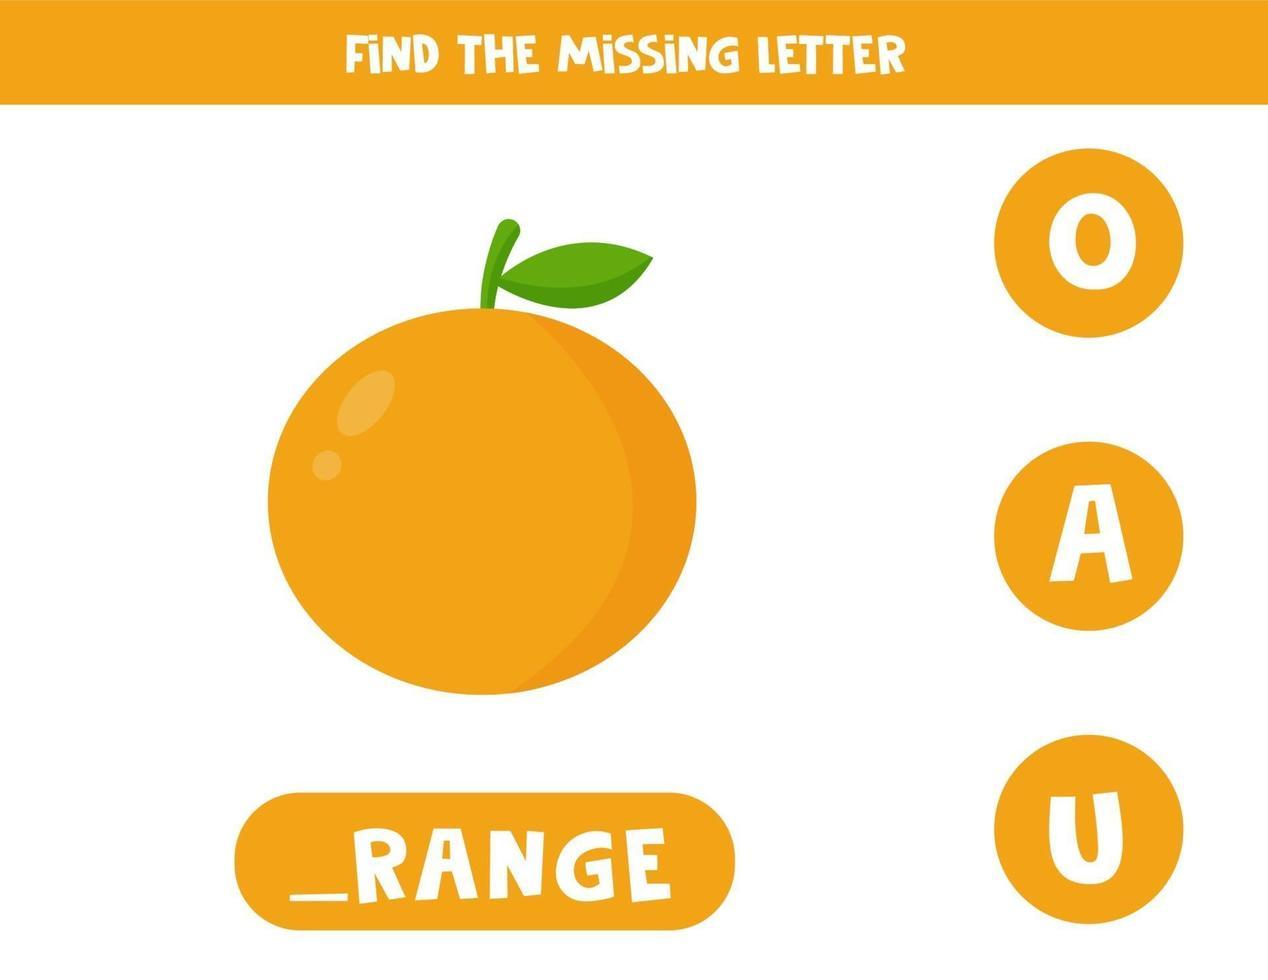 trova la lettera mancante e scrivila. frutta arancione simpatico cartone animato. vettore